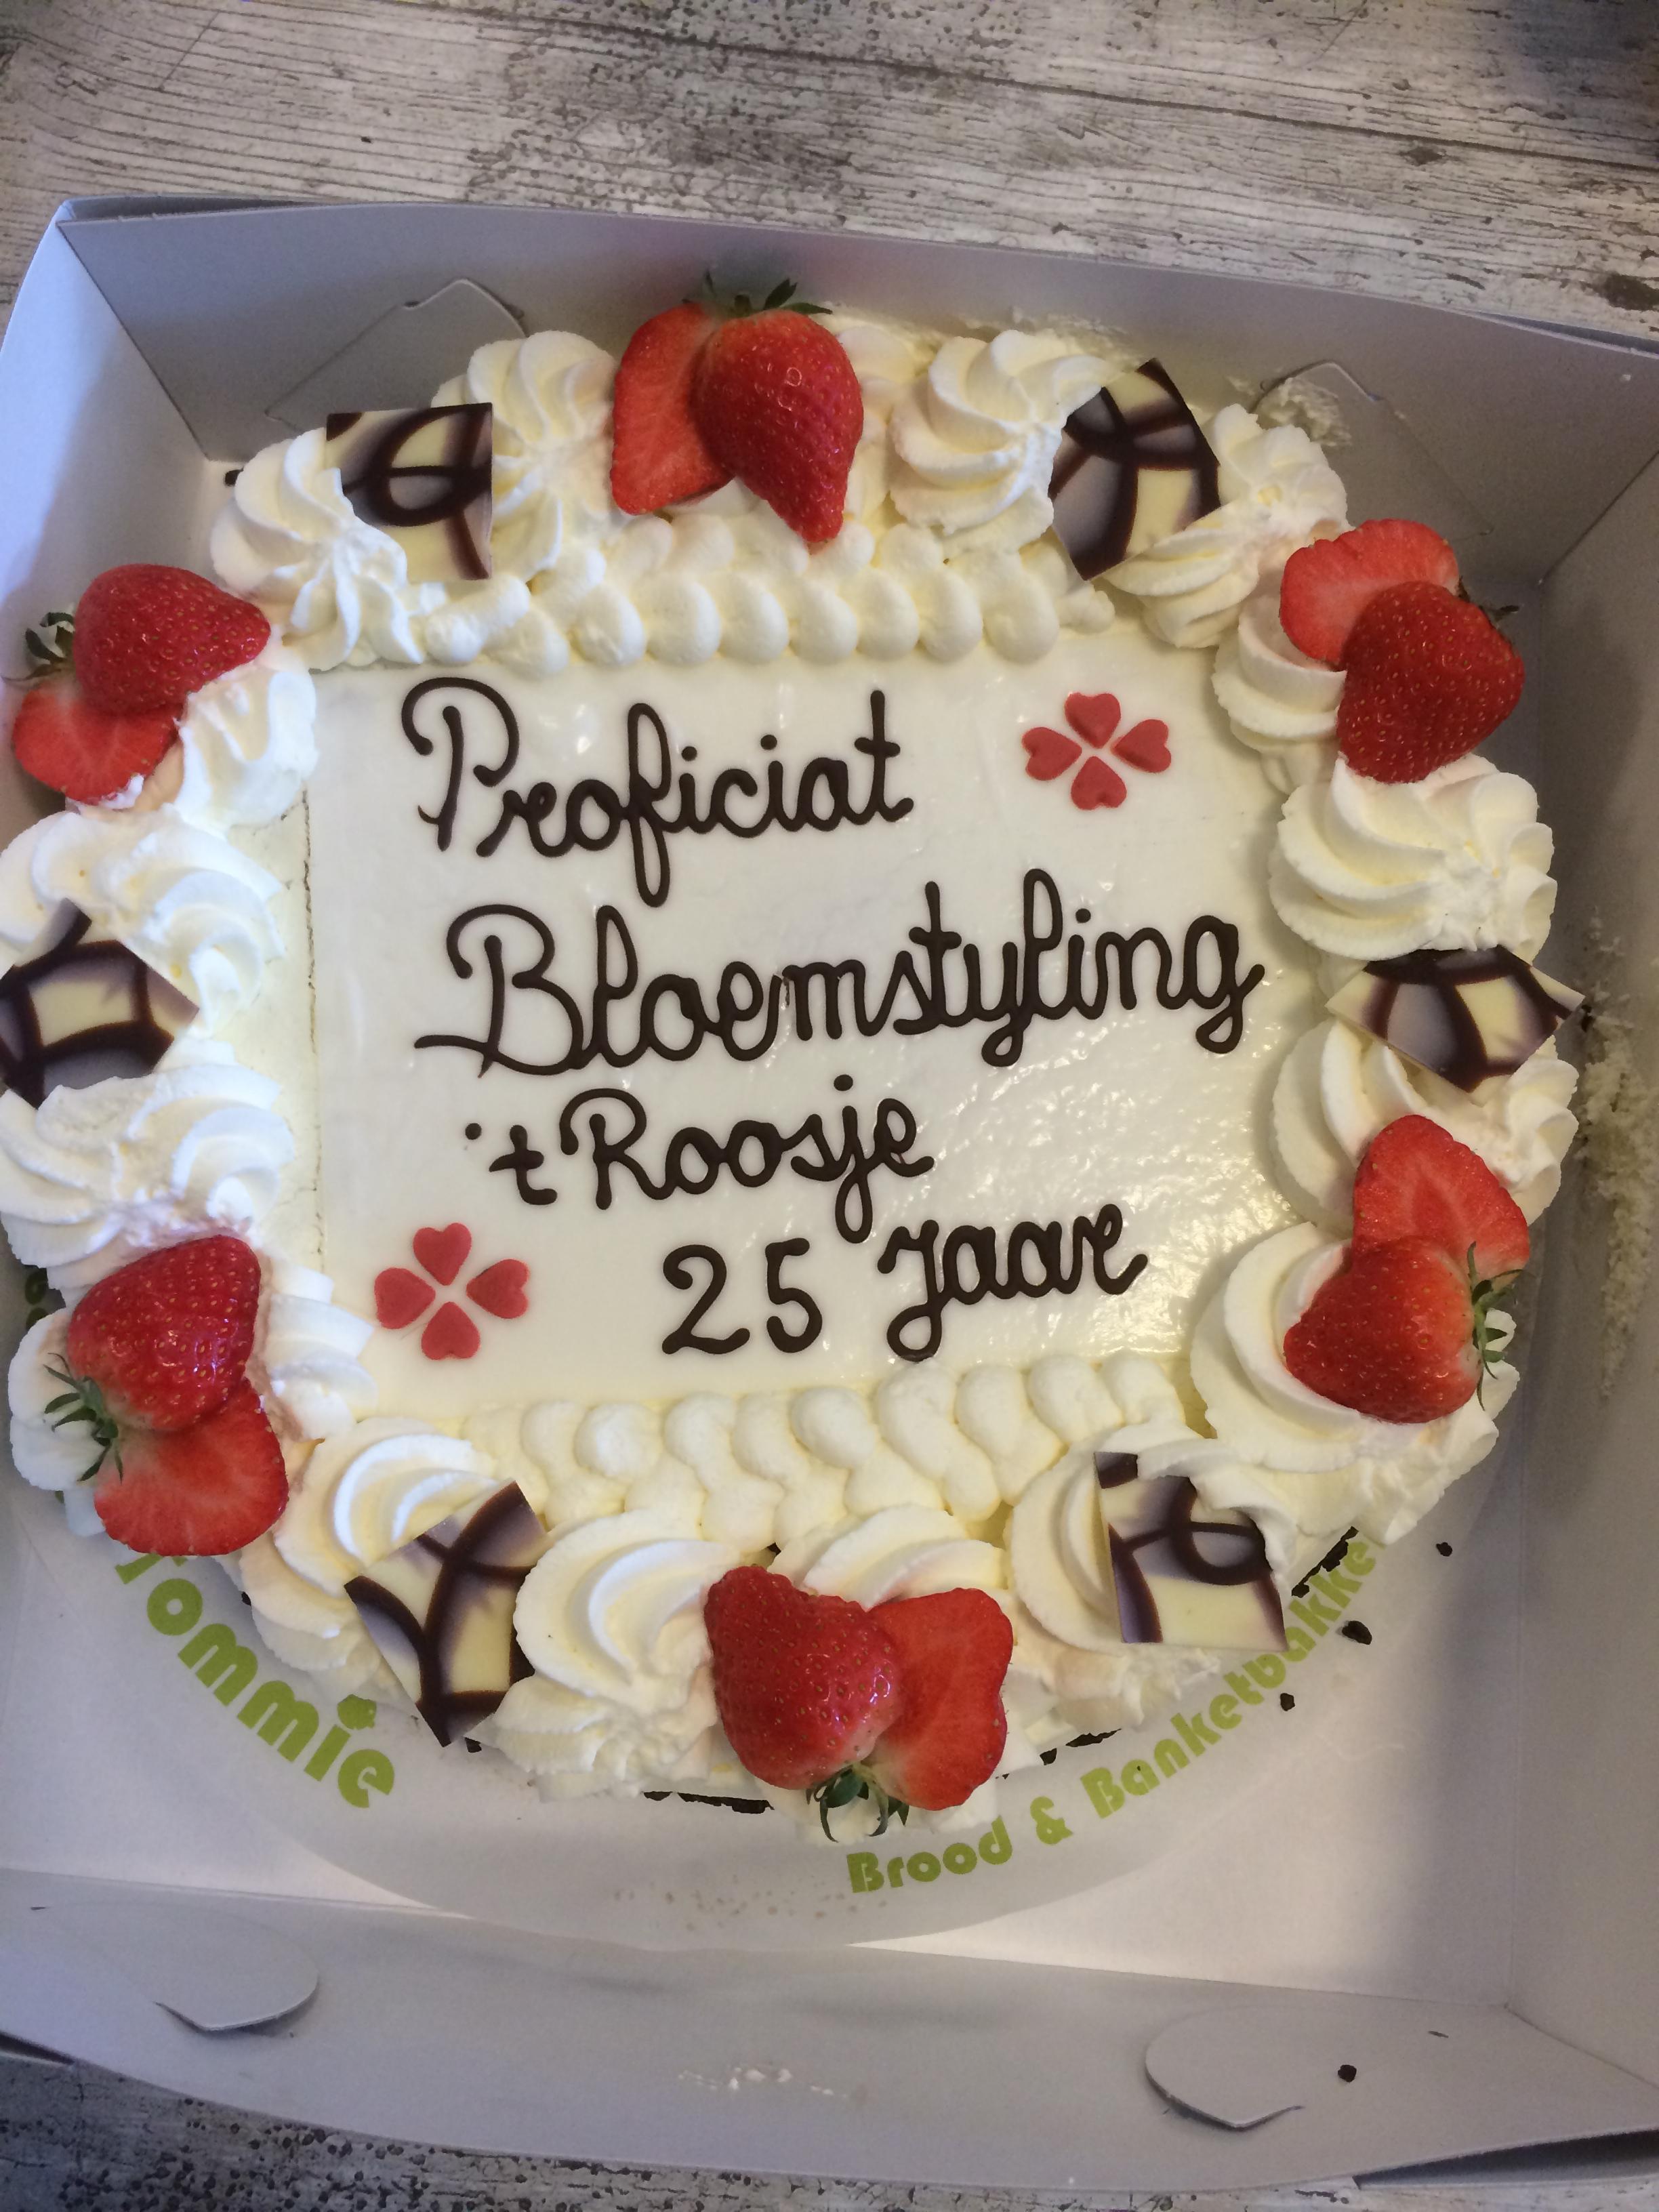 Geweldige taart die ik kreeg met ons jubileum! Wat heb ik toch een fijne medewerkers